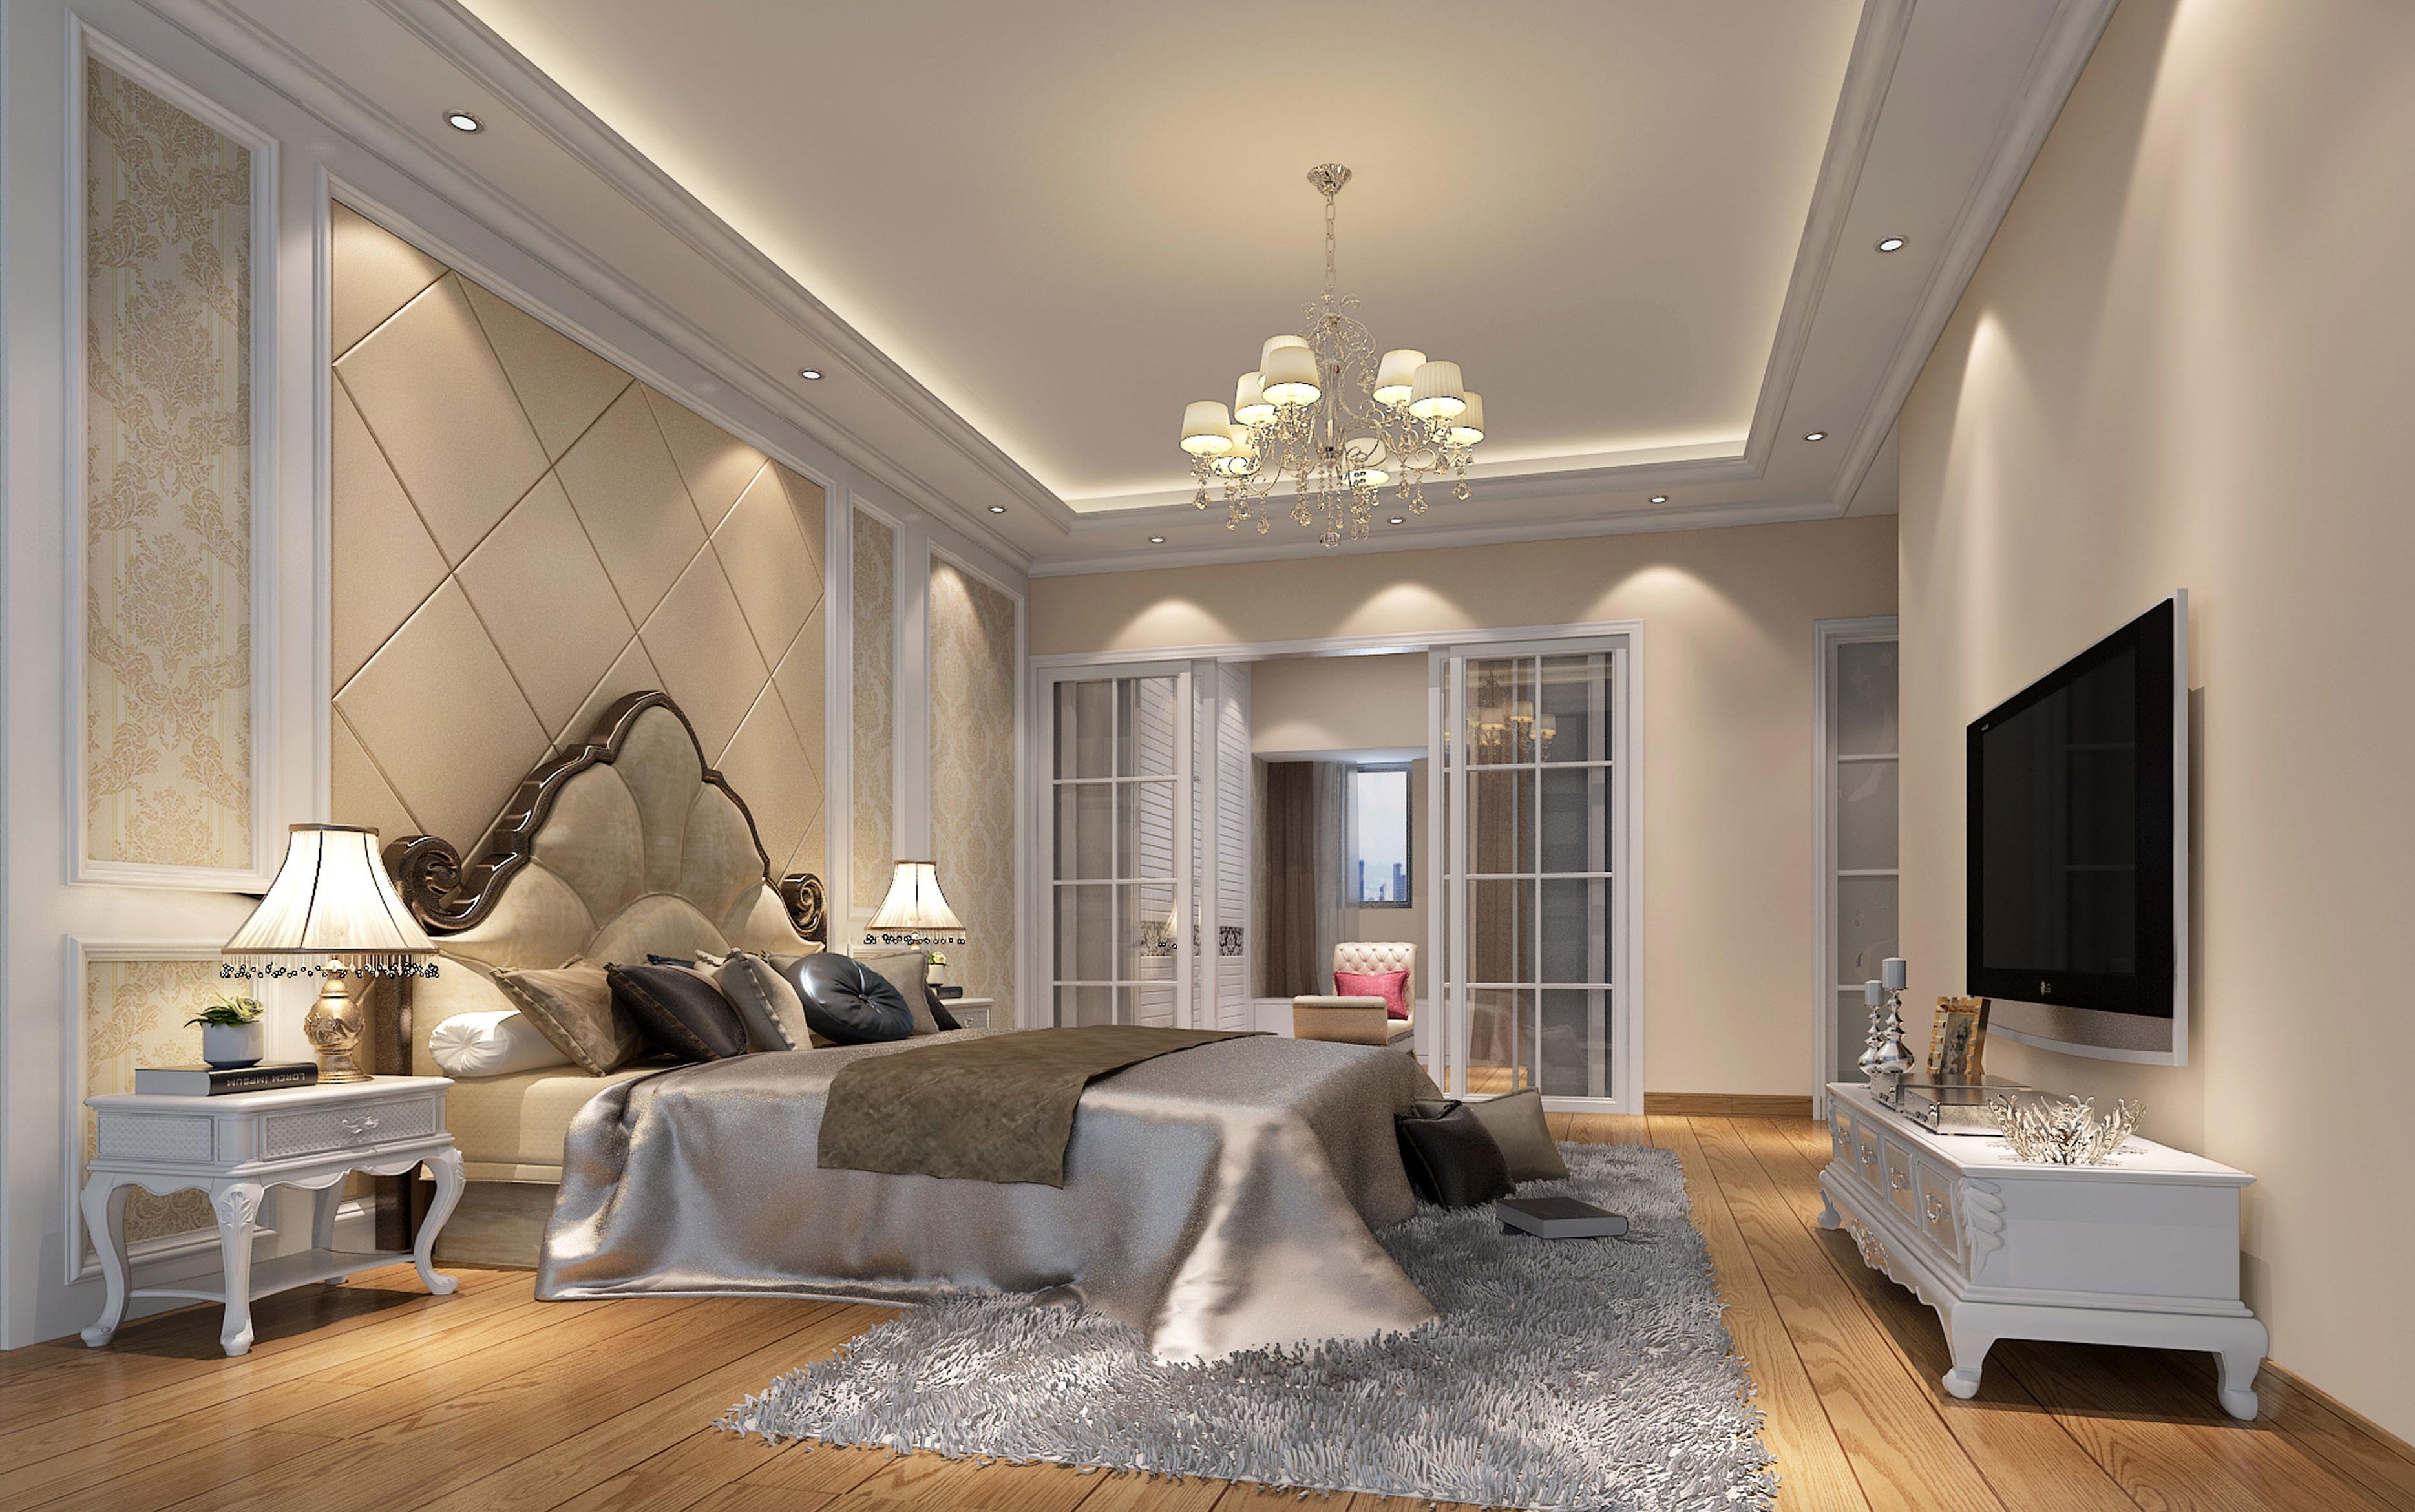 欧式 三居 卧室图片来自深圳市尚易装饰在松茂御龙湾 欧式温馨居家 三居的分享